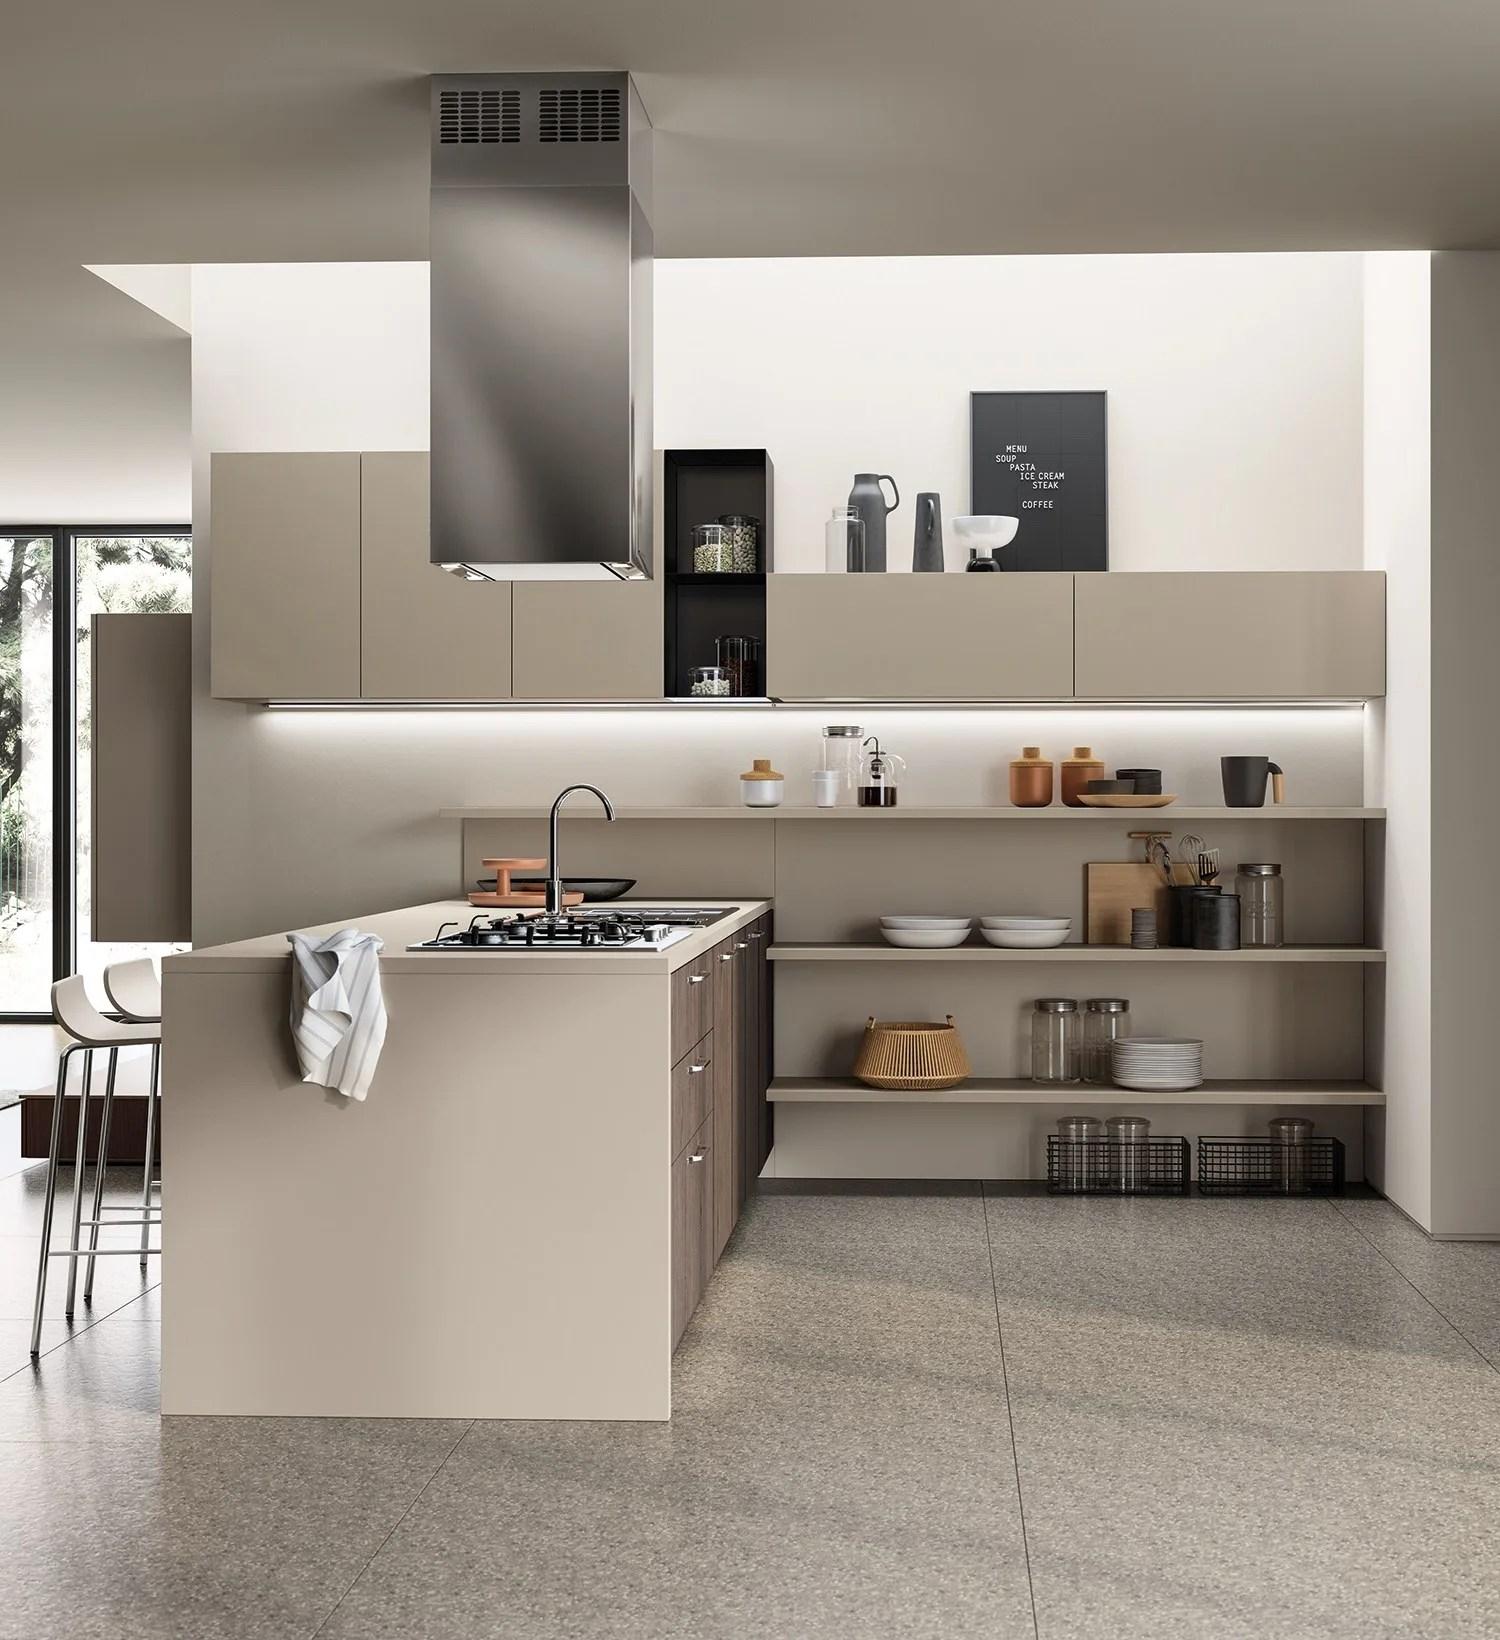 Cucina Scavolini Basic | Cucina Scavolini Madeleine Cucine A Prezzi ...